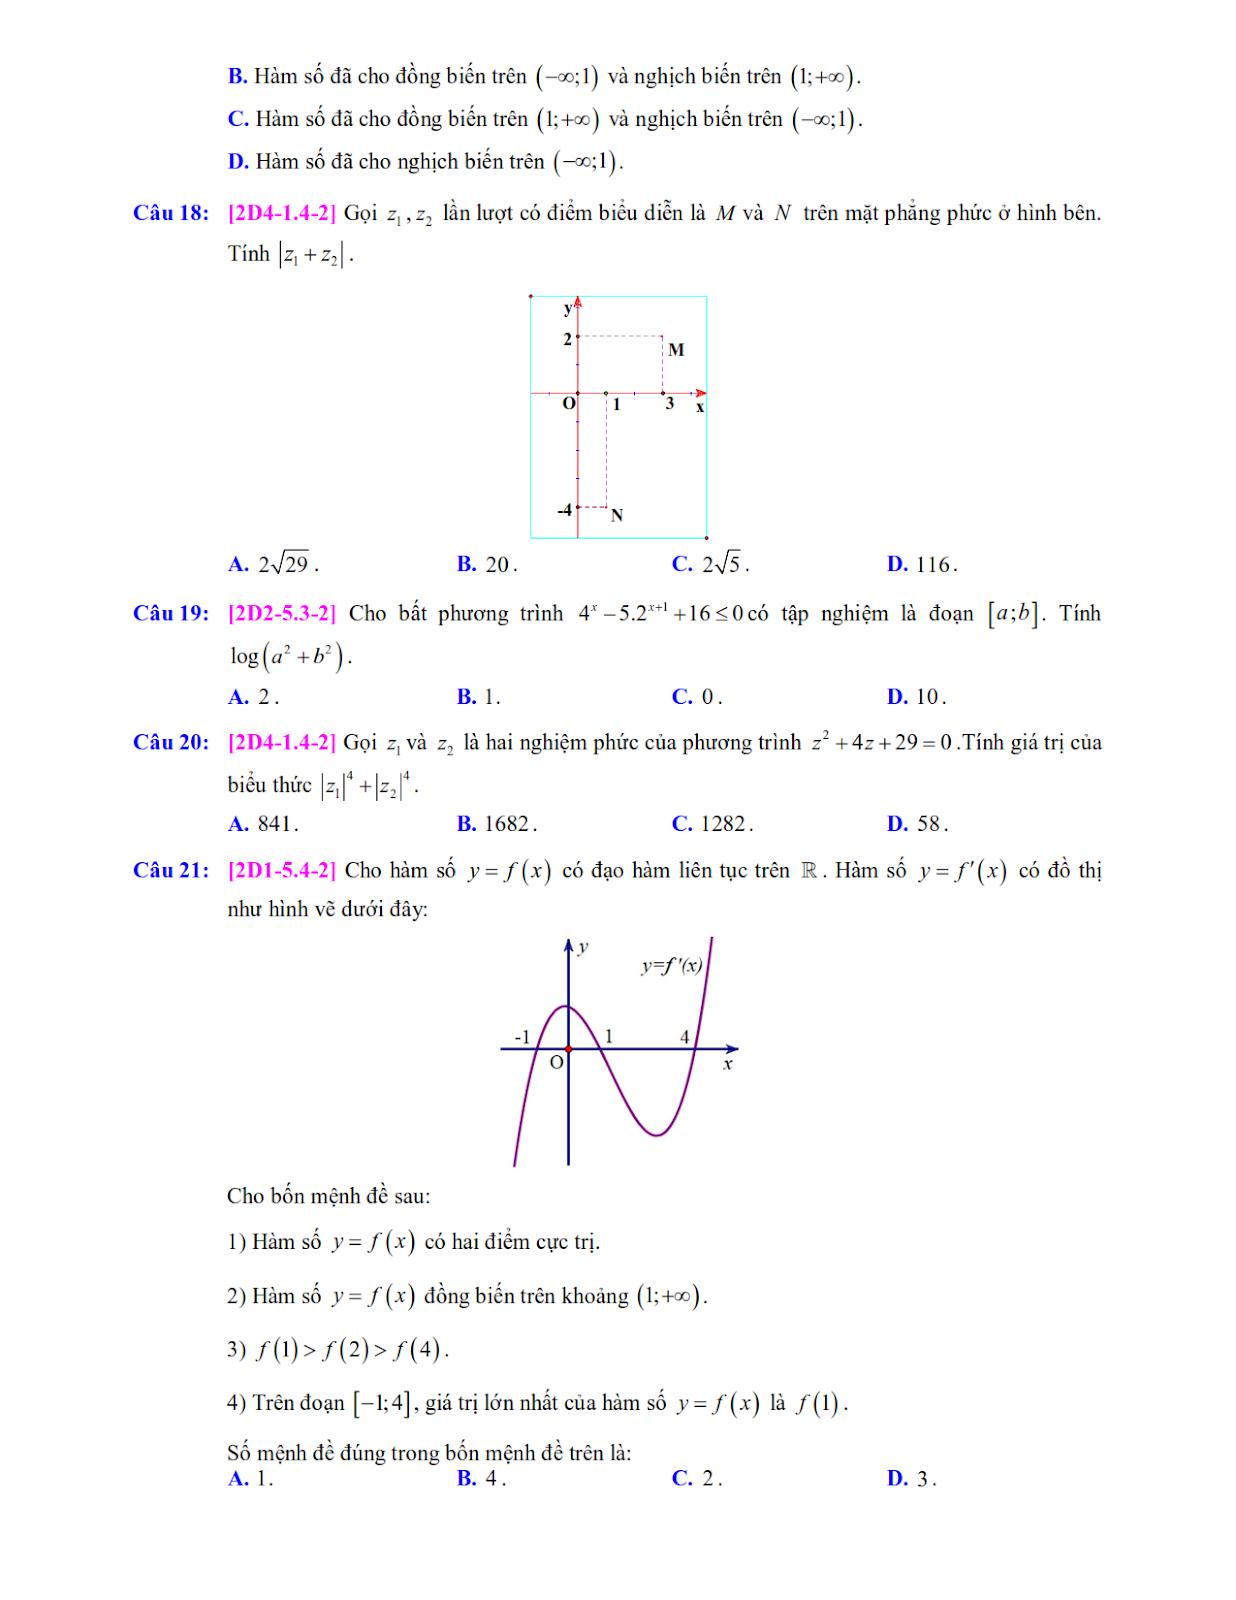 đề trắc nghiệm môn toán lần 5 nhóm STRONG TEAM TOÁN VD - VDC trang 3